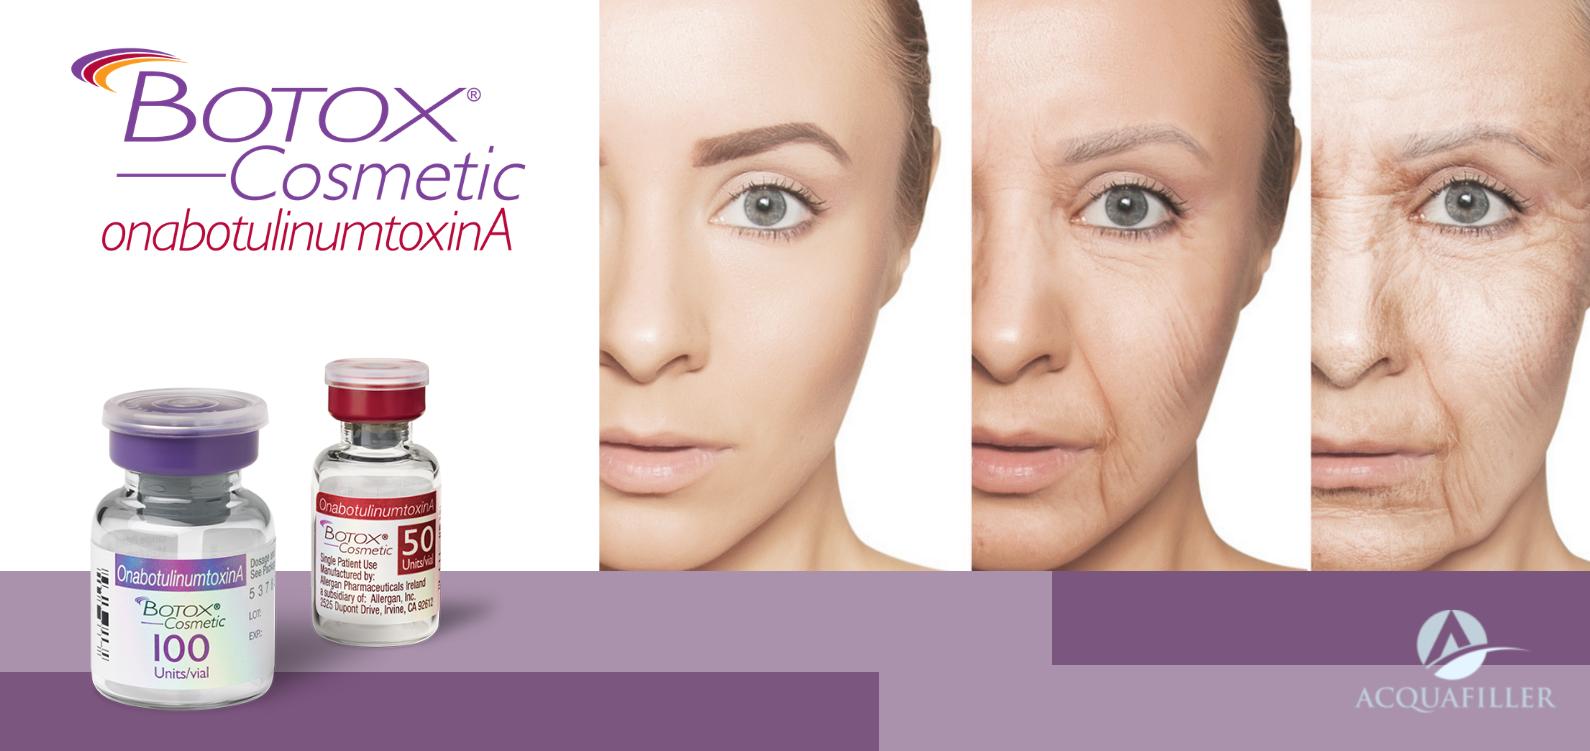 Buy Botox Online USA I Canada I UK I AU